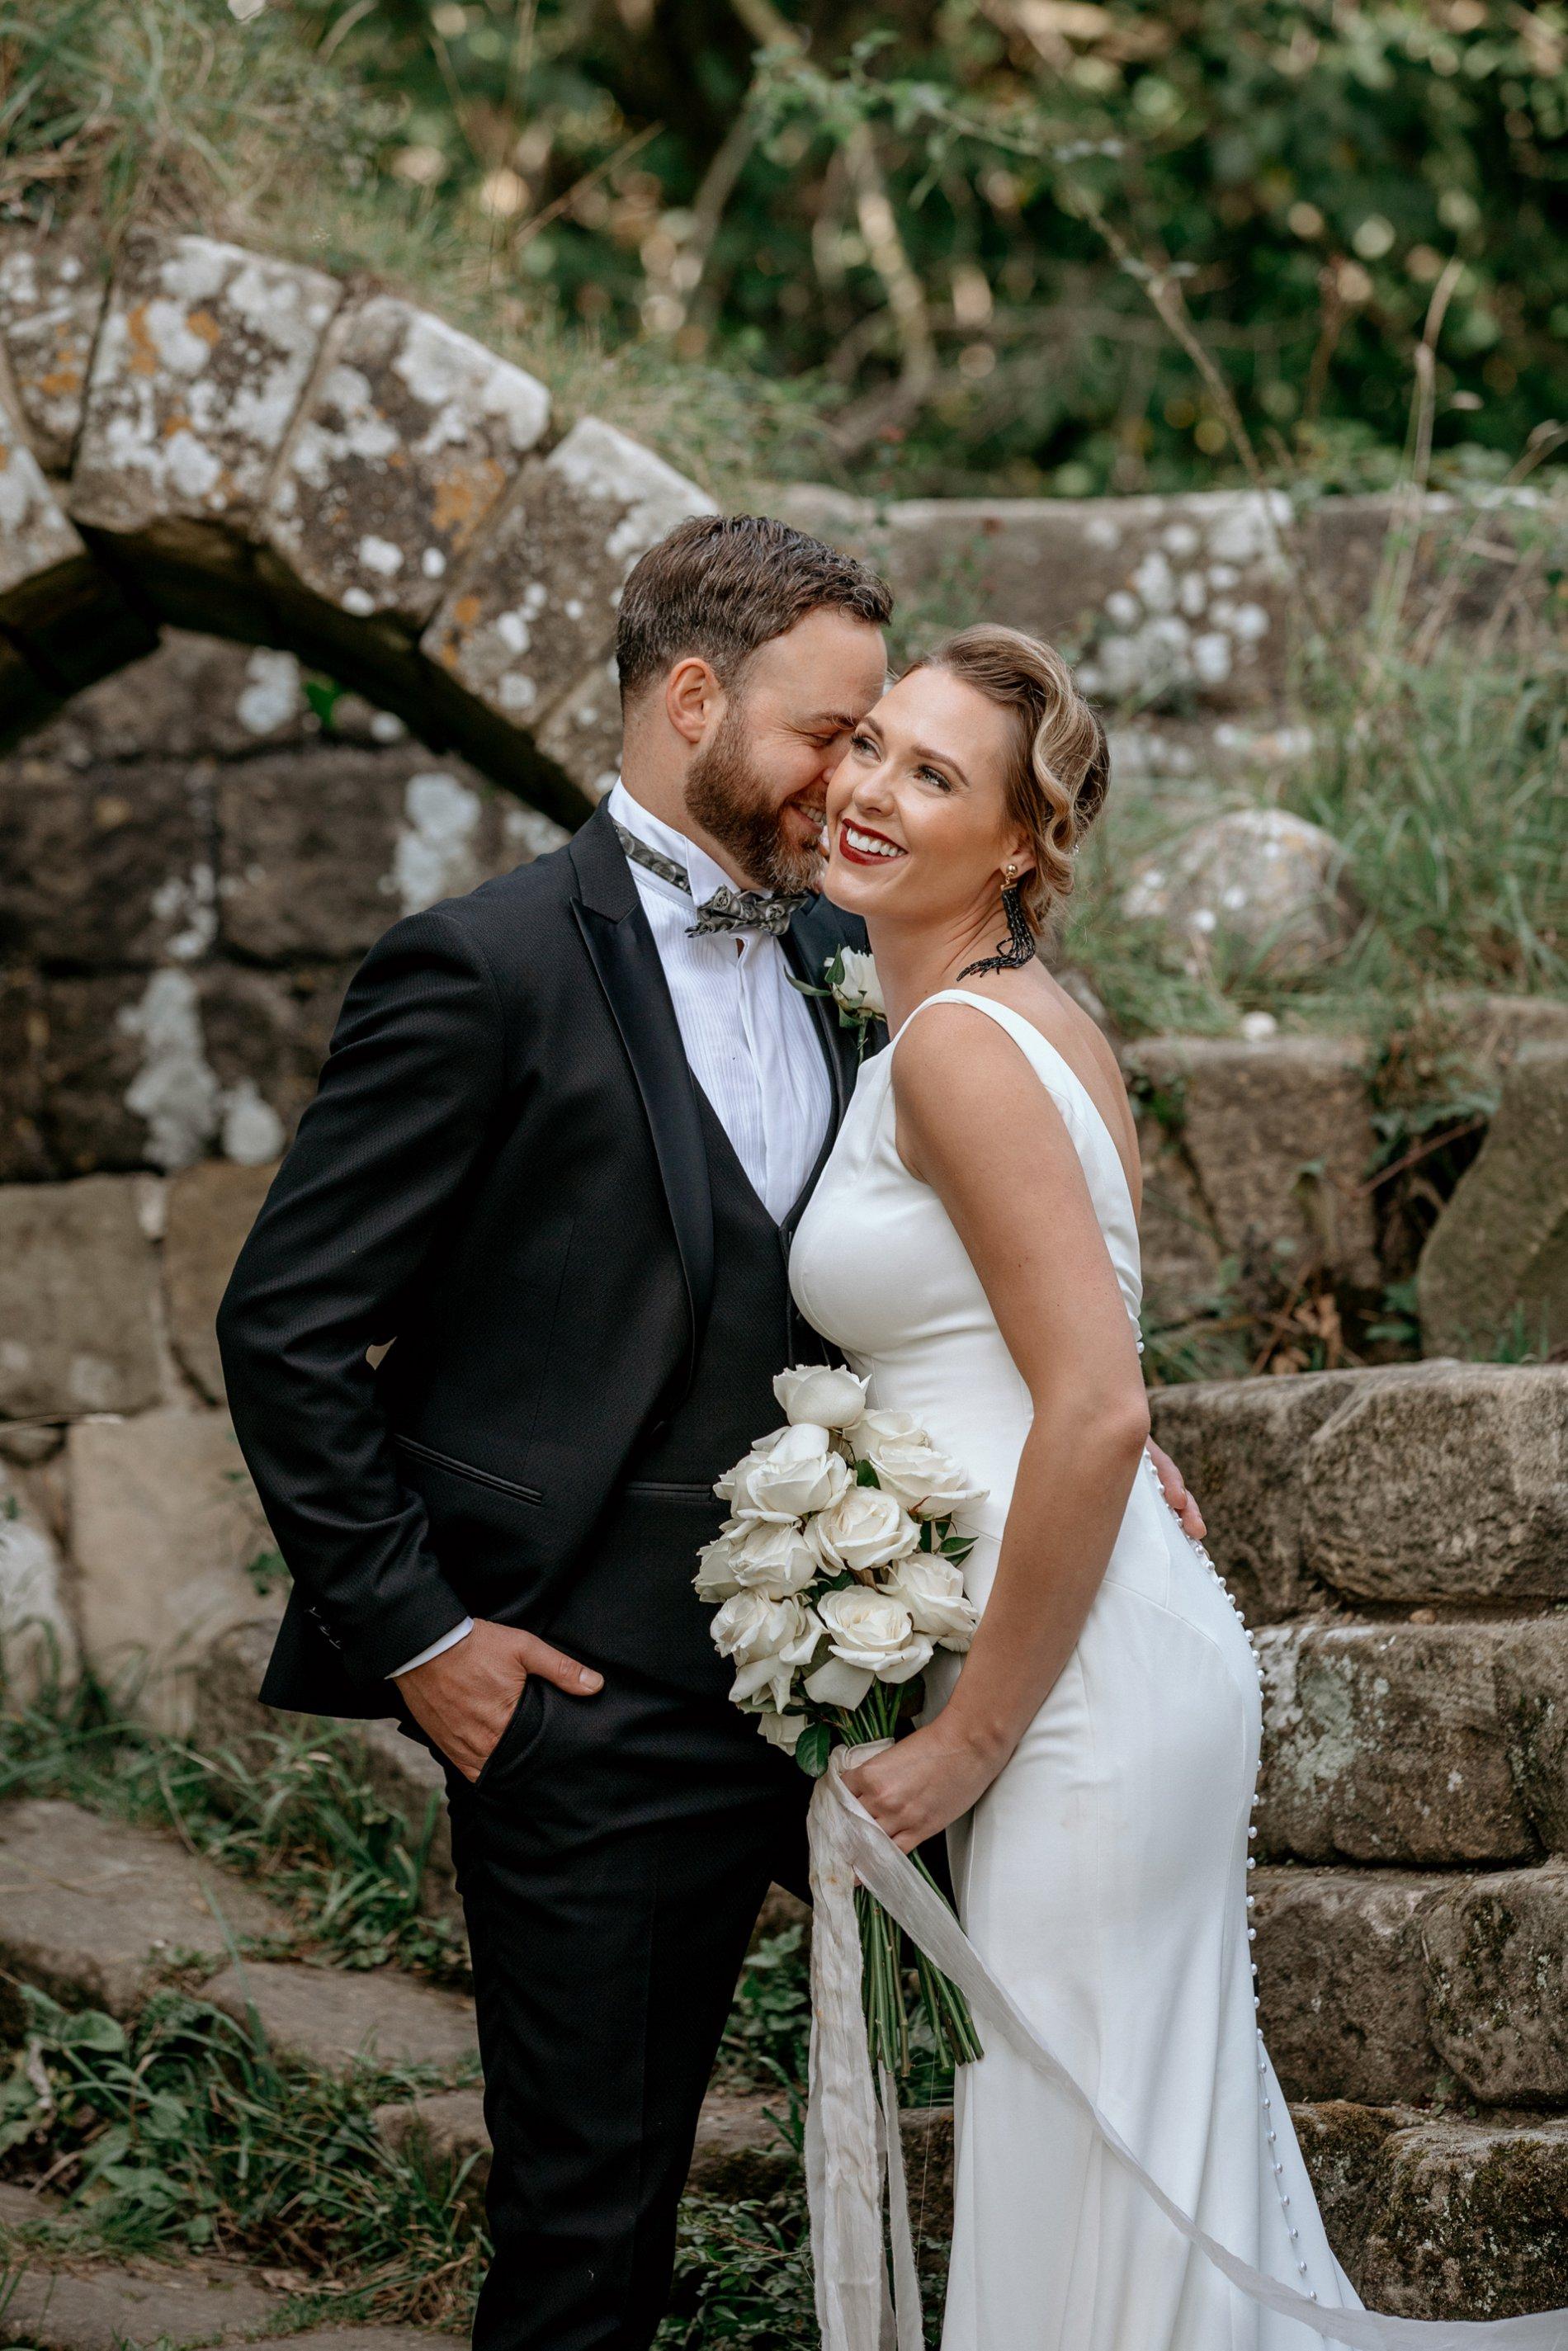 An Elegant Wedding Shoot at Jervaulx Abbey (c) Natalie Hamilton Photography (11)